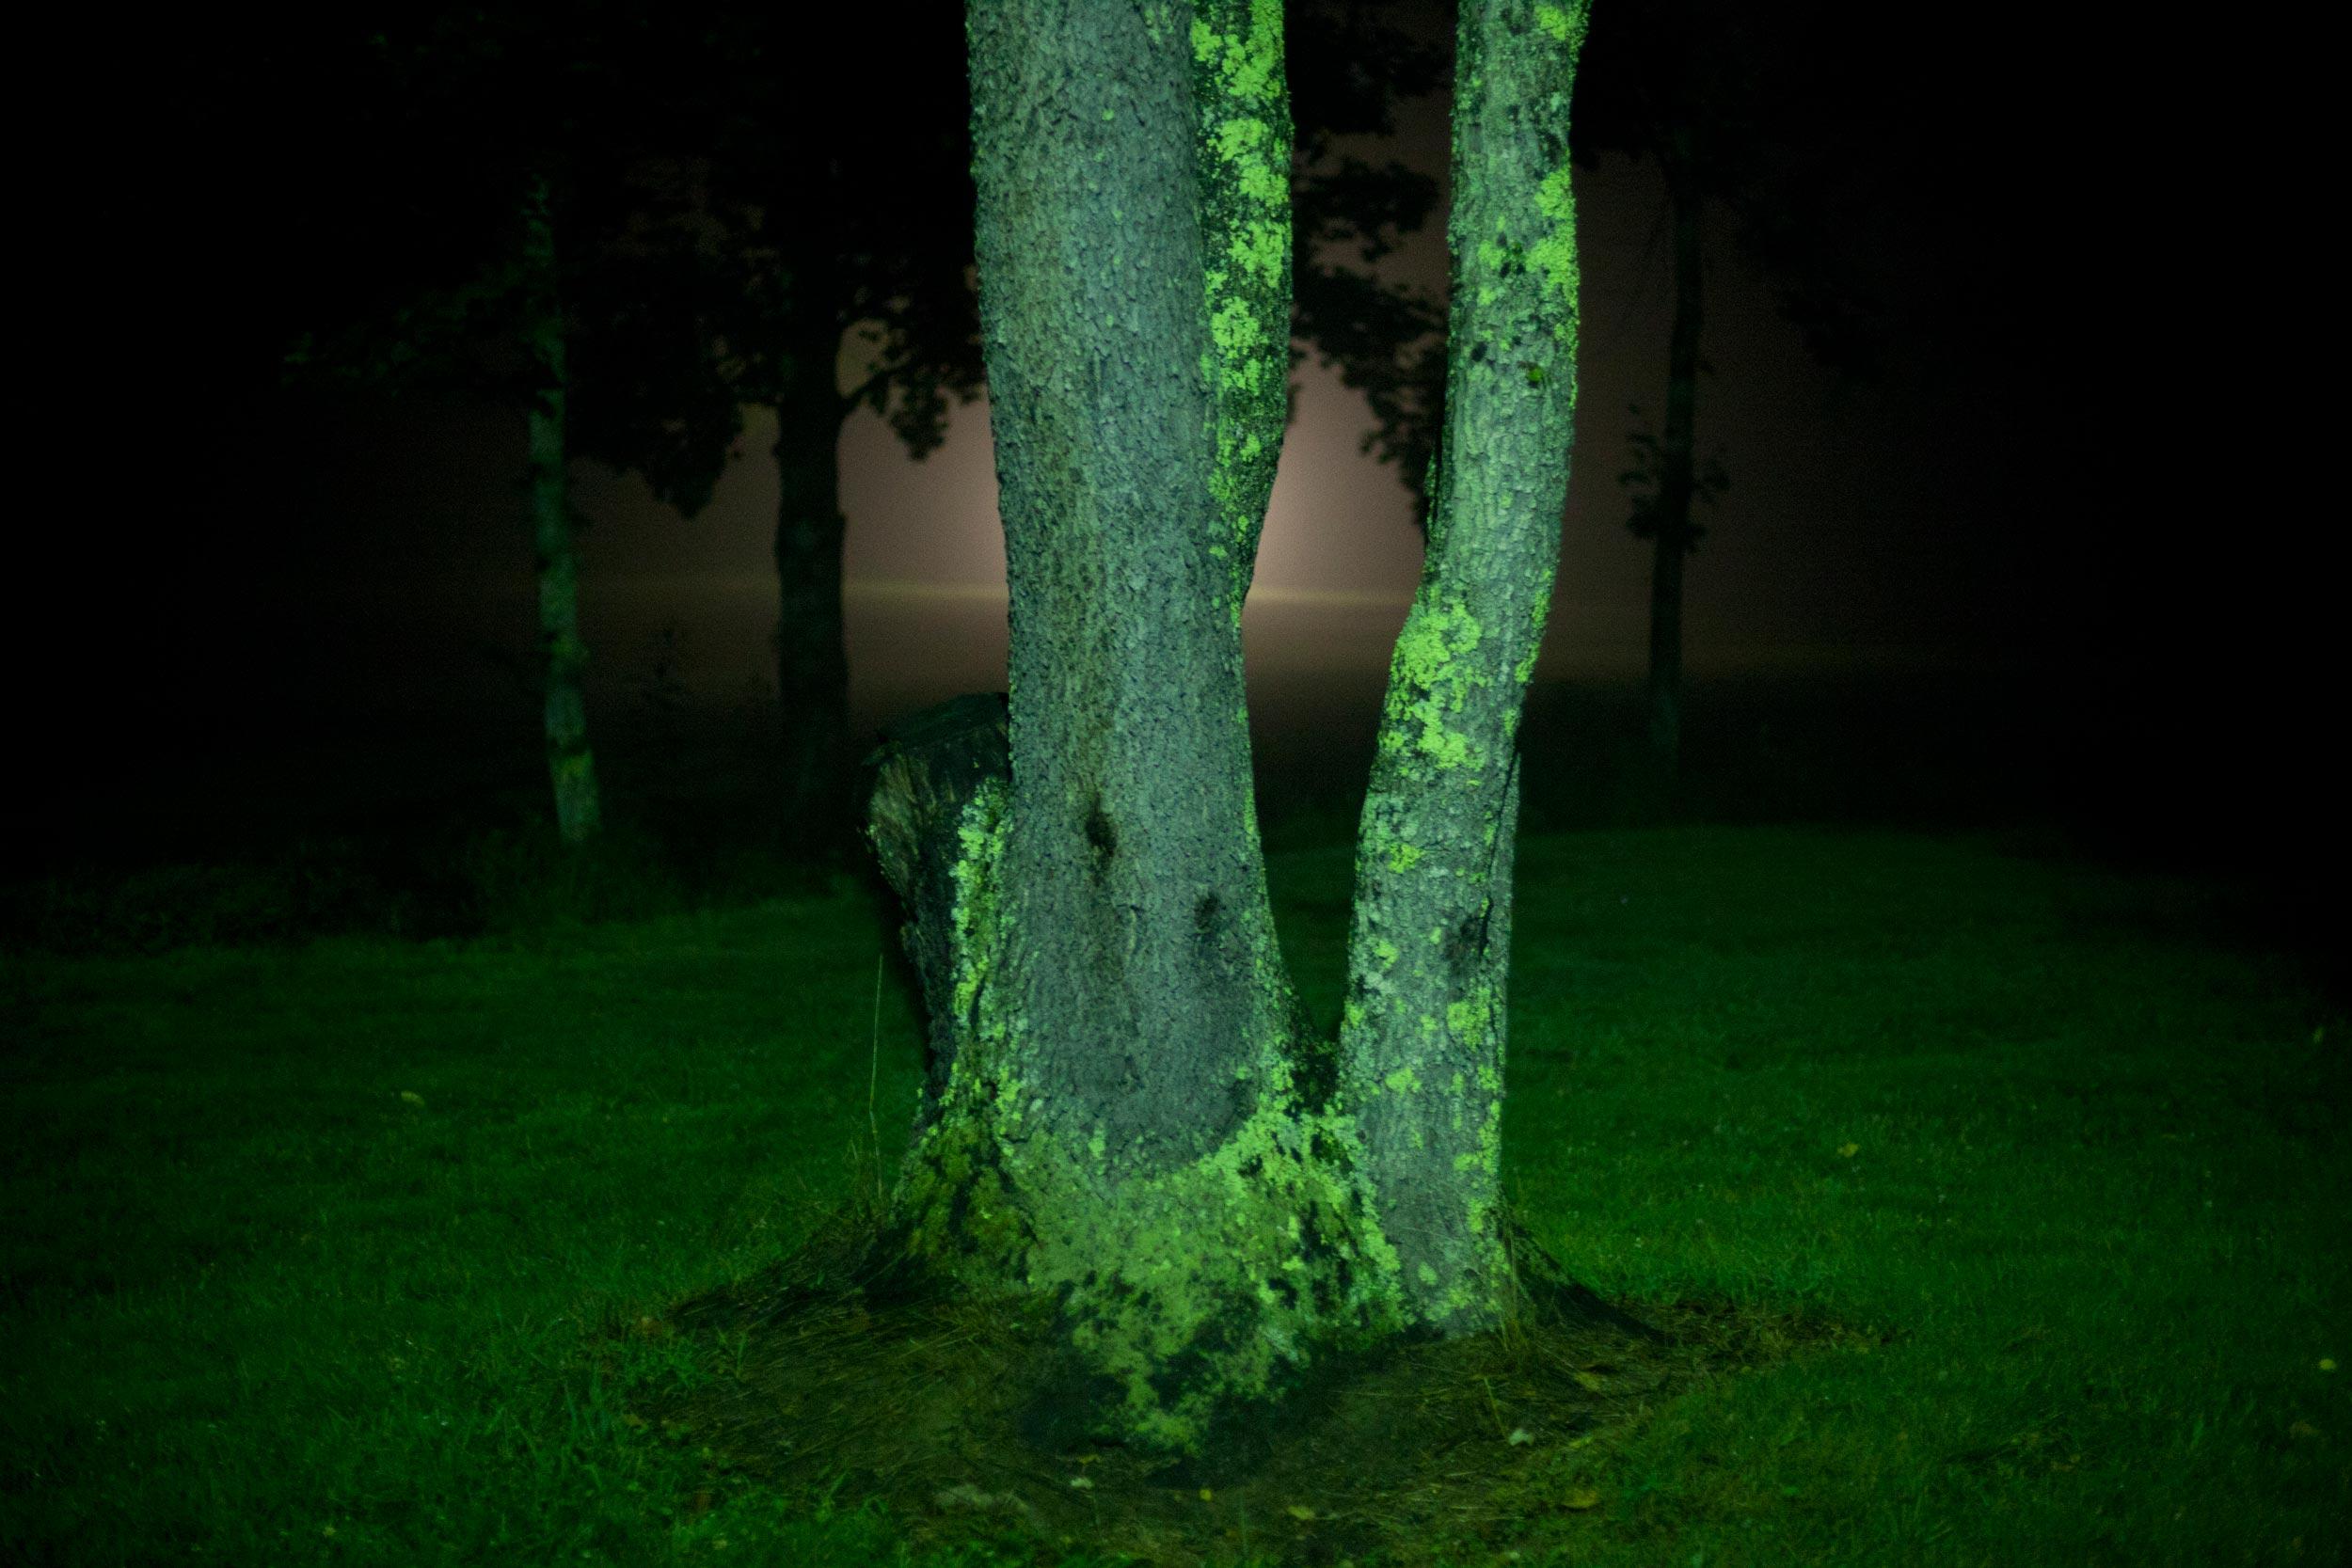 Birnbaum_YearoftheForest_56.jpg